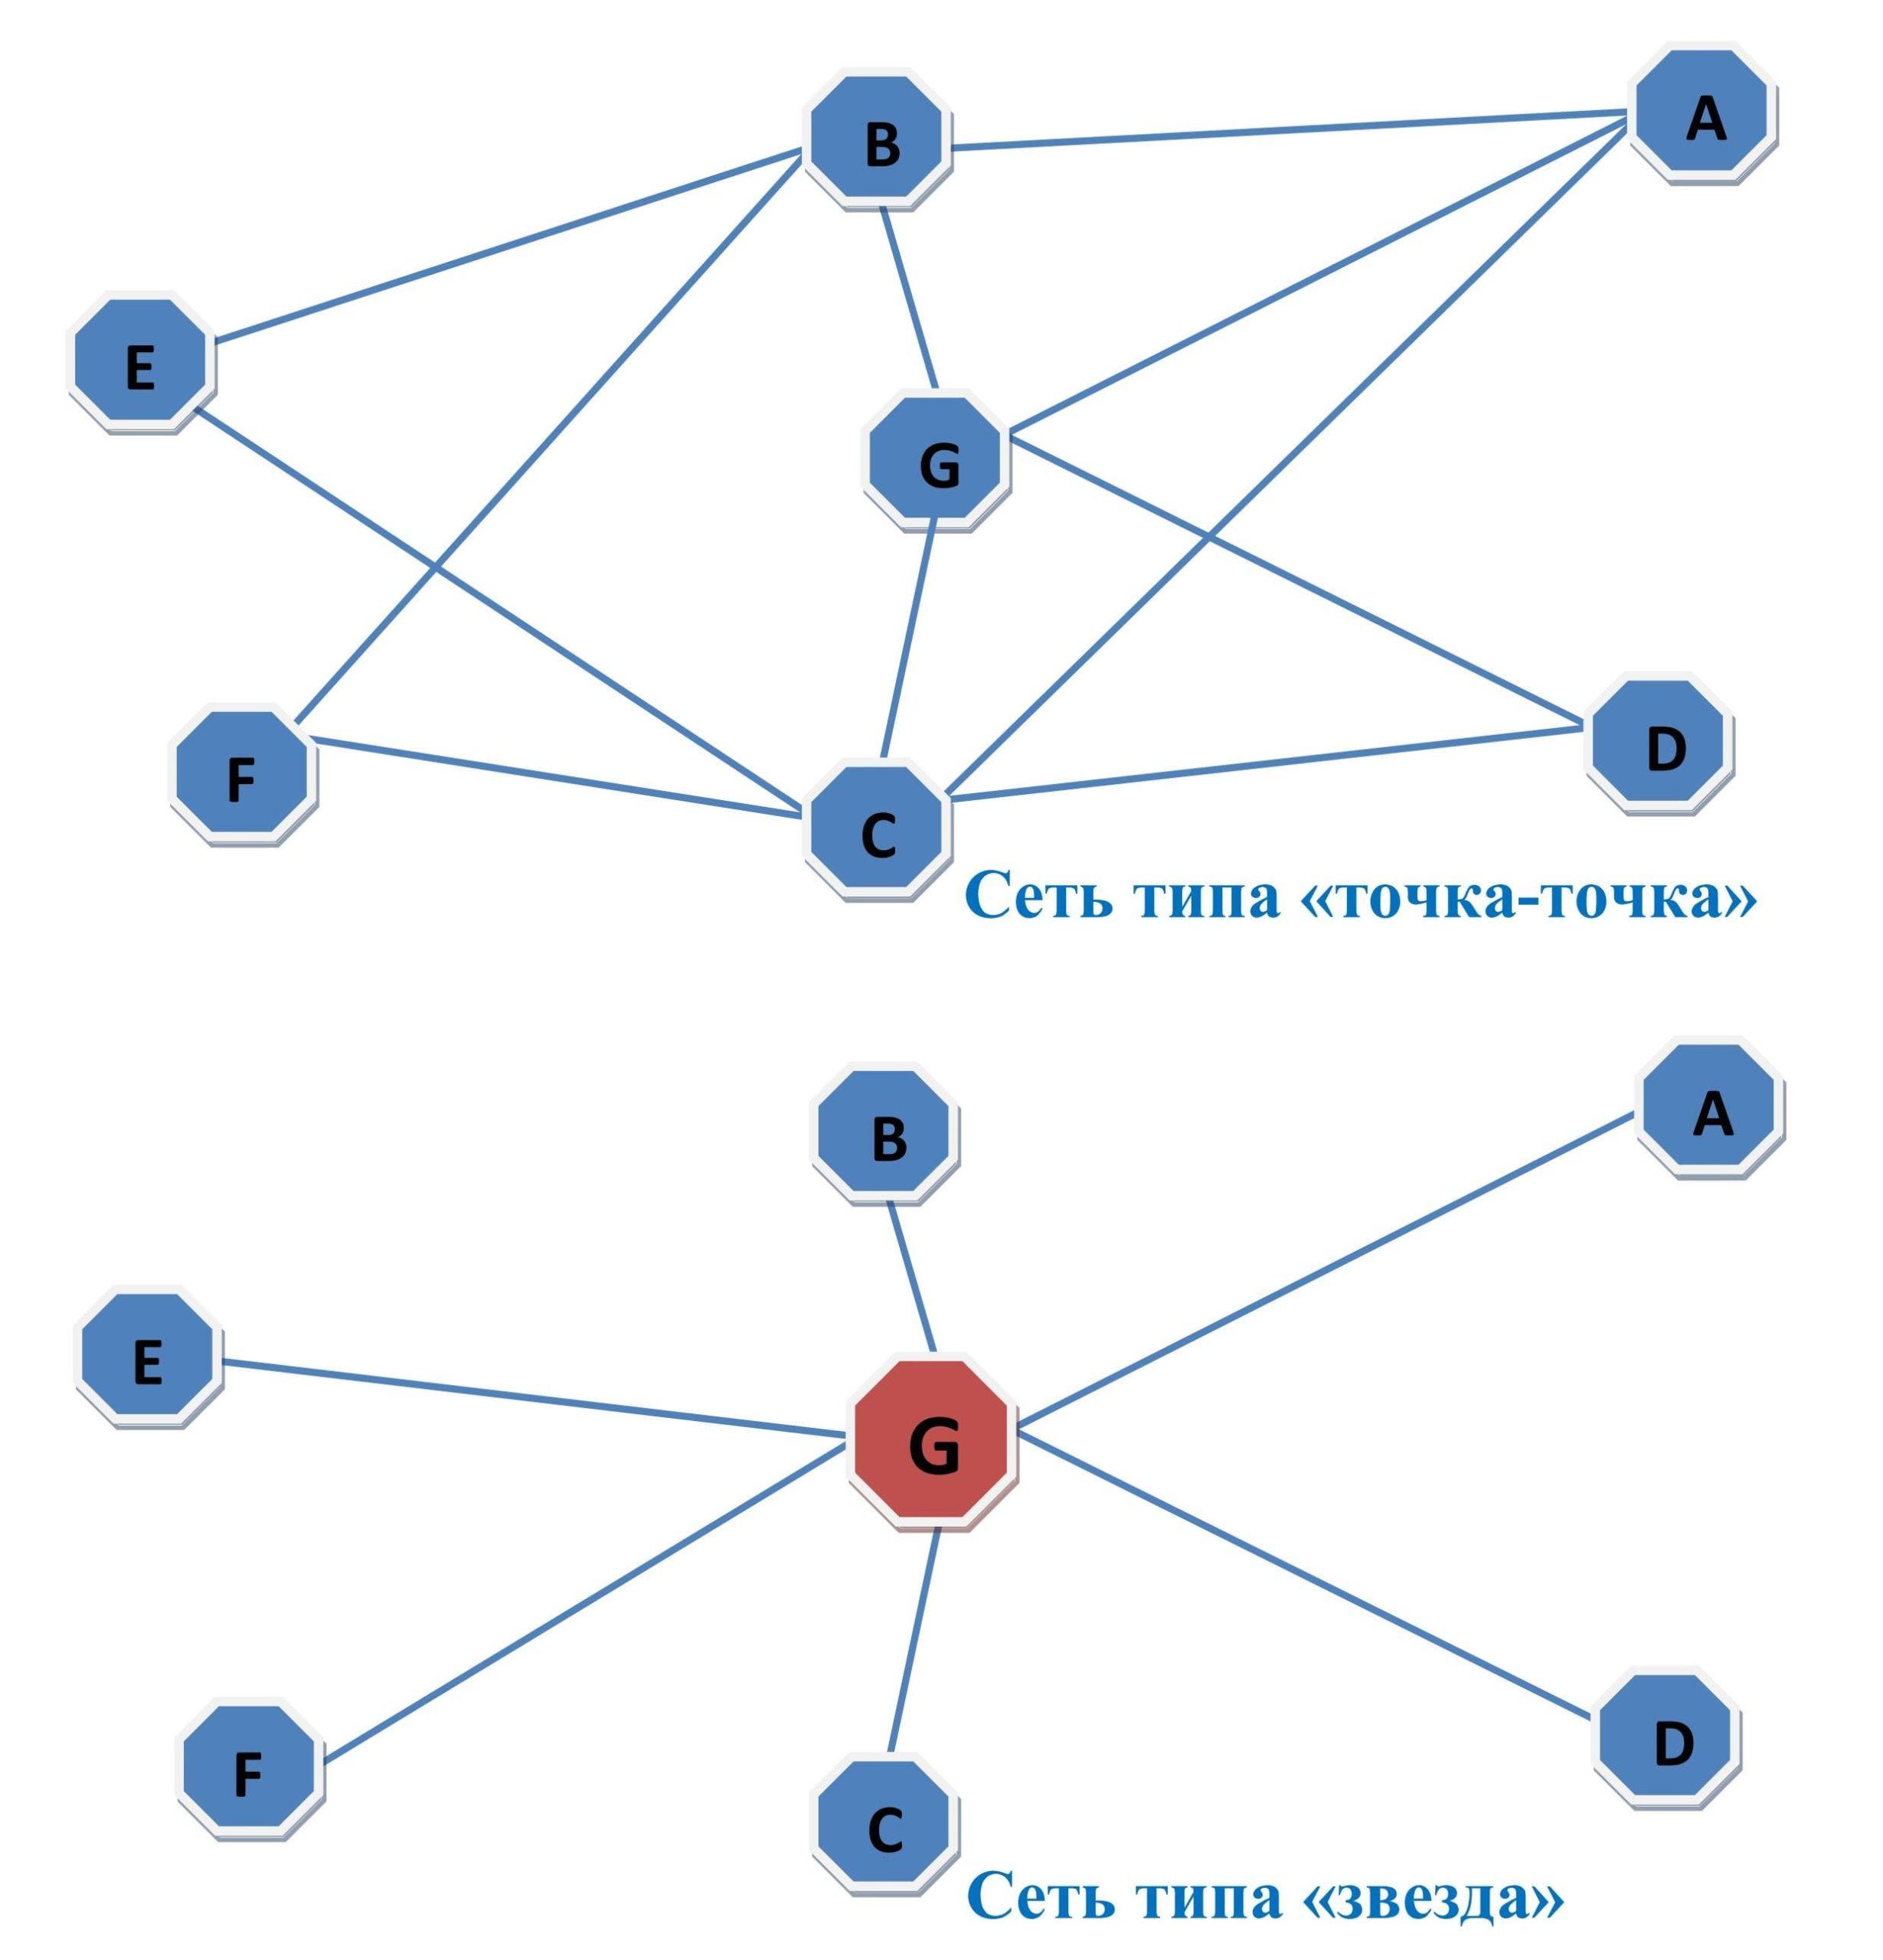 Транспортные сети типа «звезда» и «точка-точка»